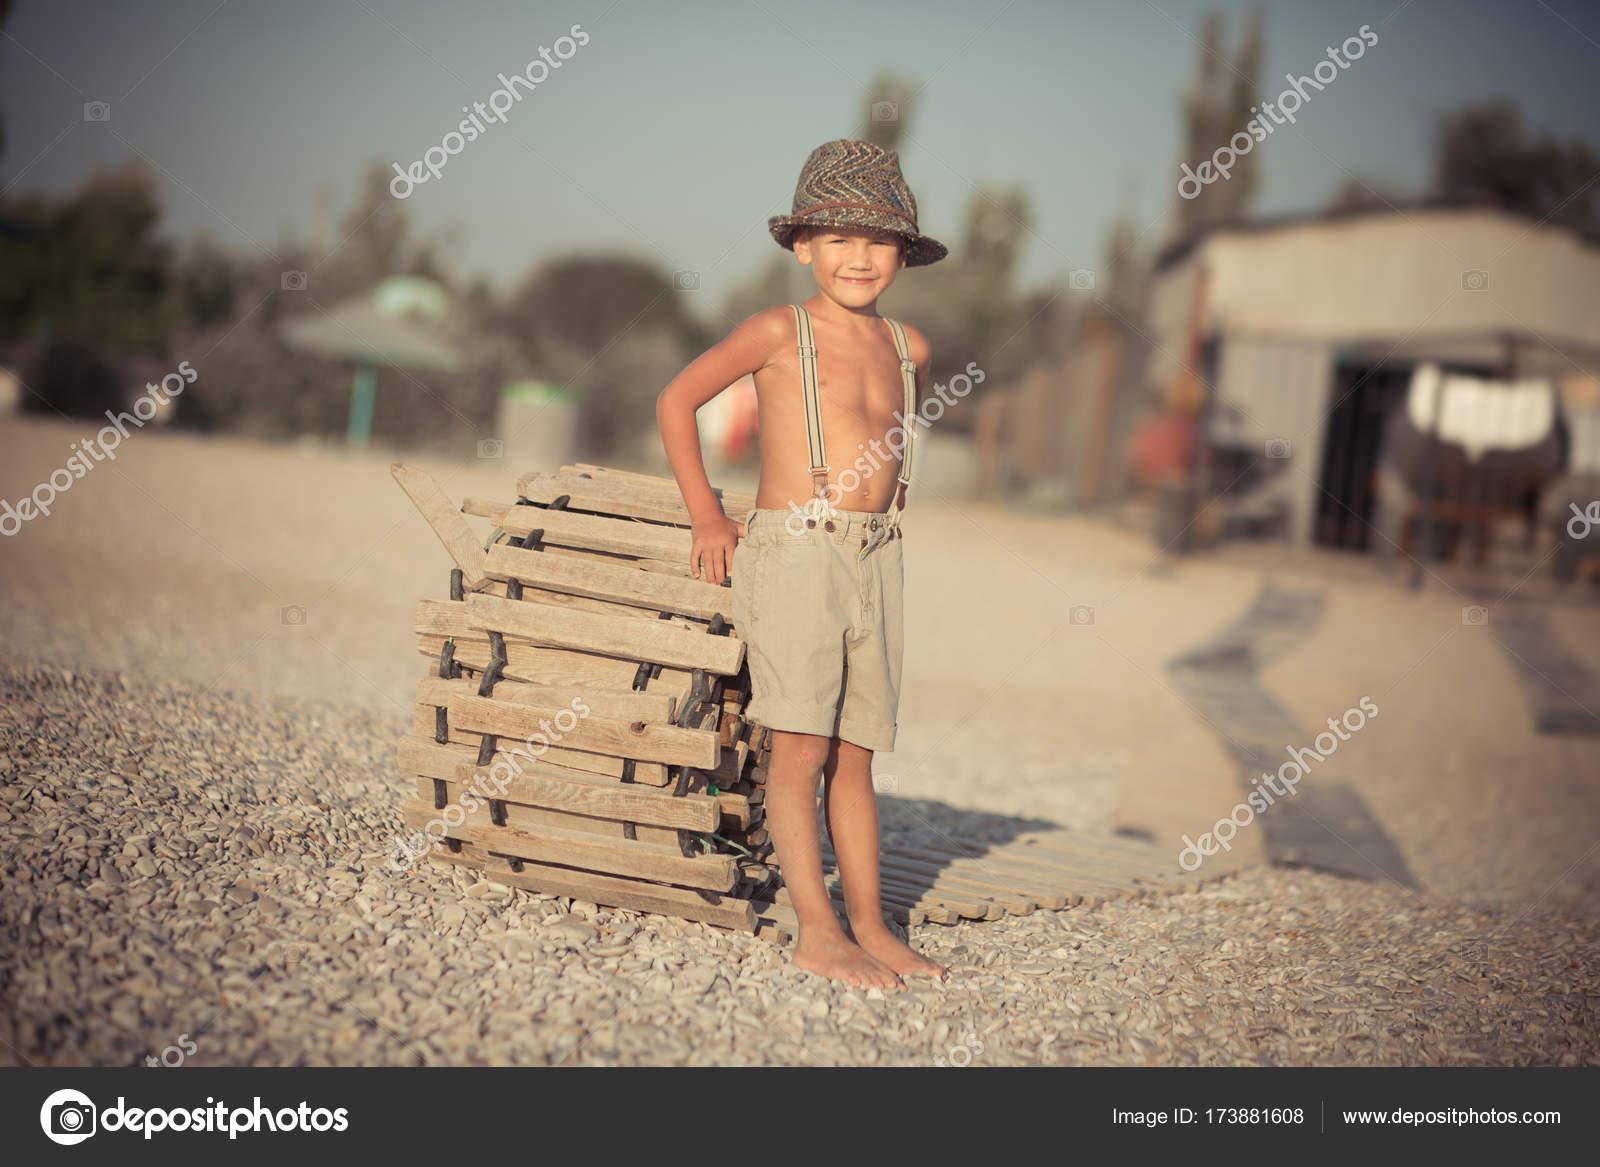 Aranyos régi stílus fiú gyerek gyaloglás 089e3ee281